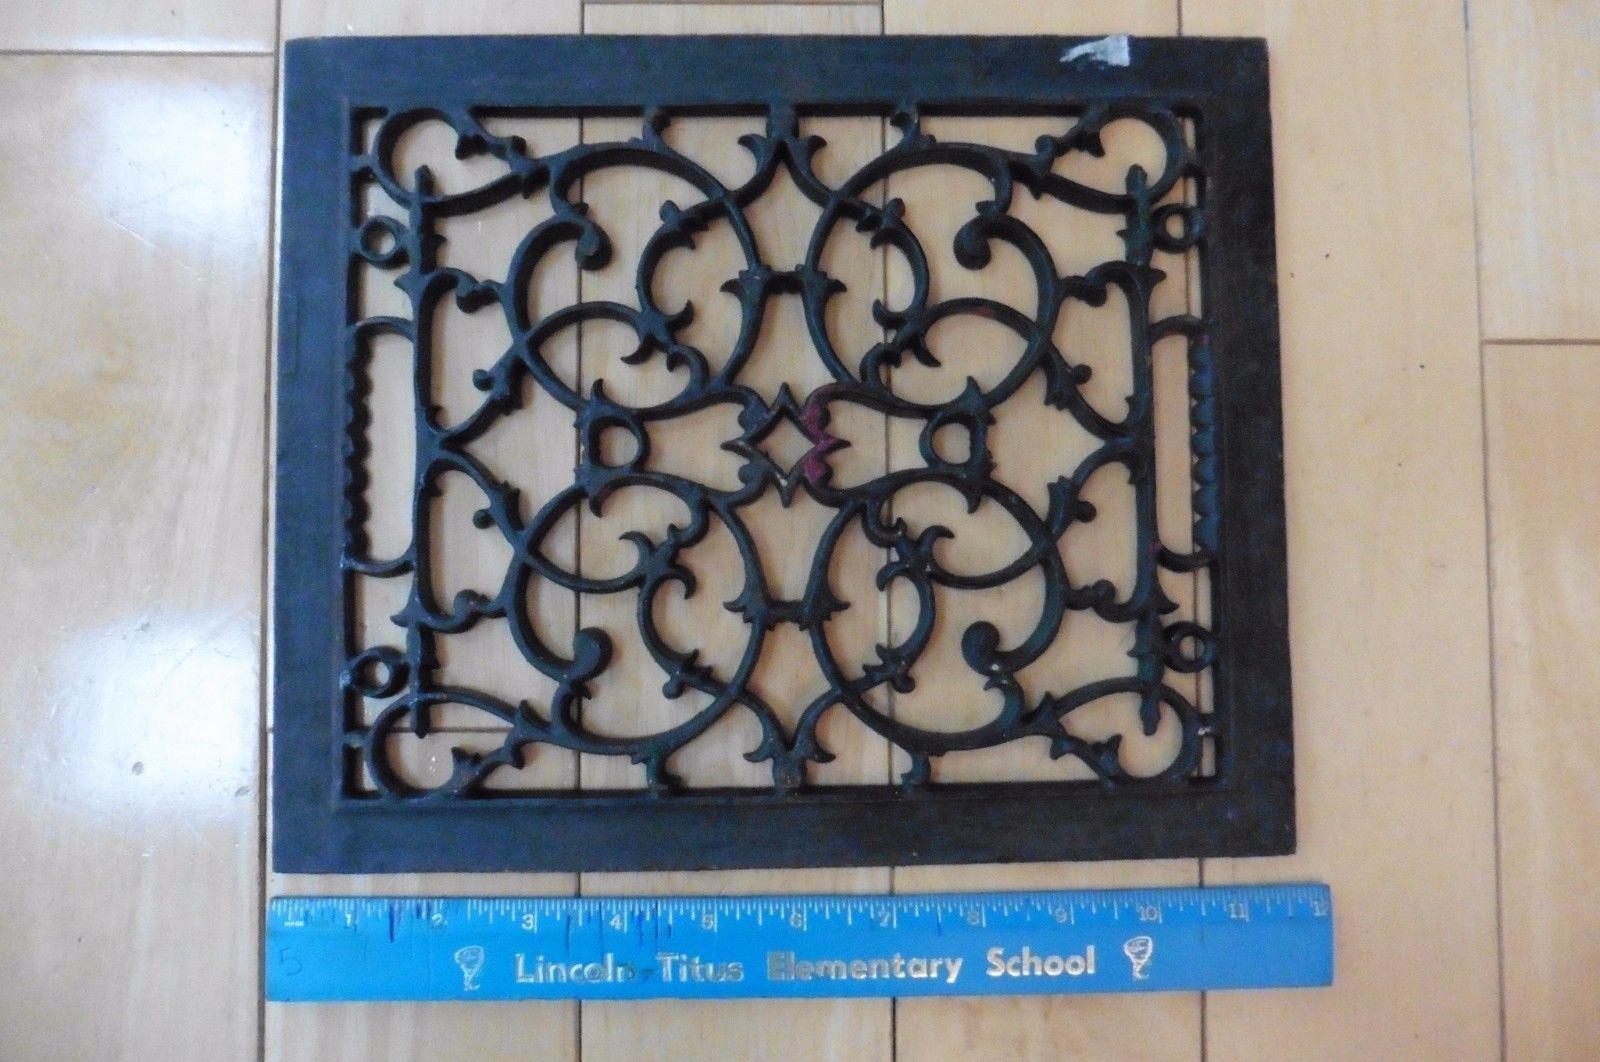 Vintage Cast Iron Vent Register Cover Ornate Antique Painted Floor Heat Grate A Antique Paint Painted Floor Ornate